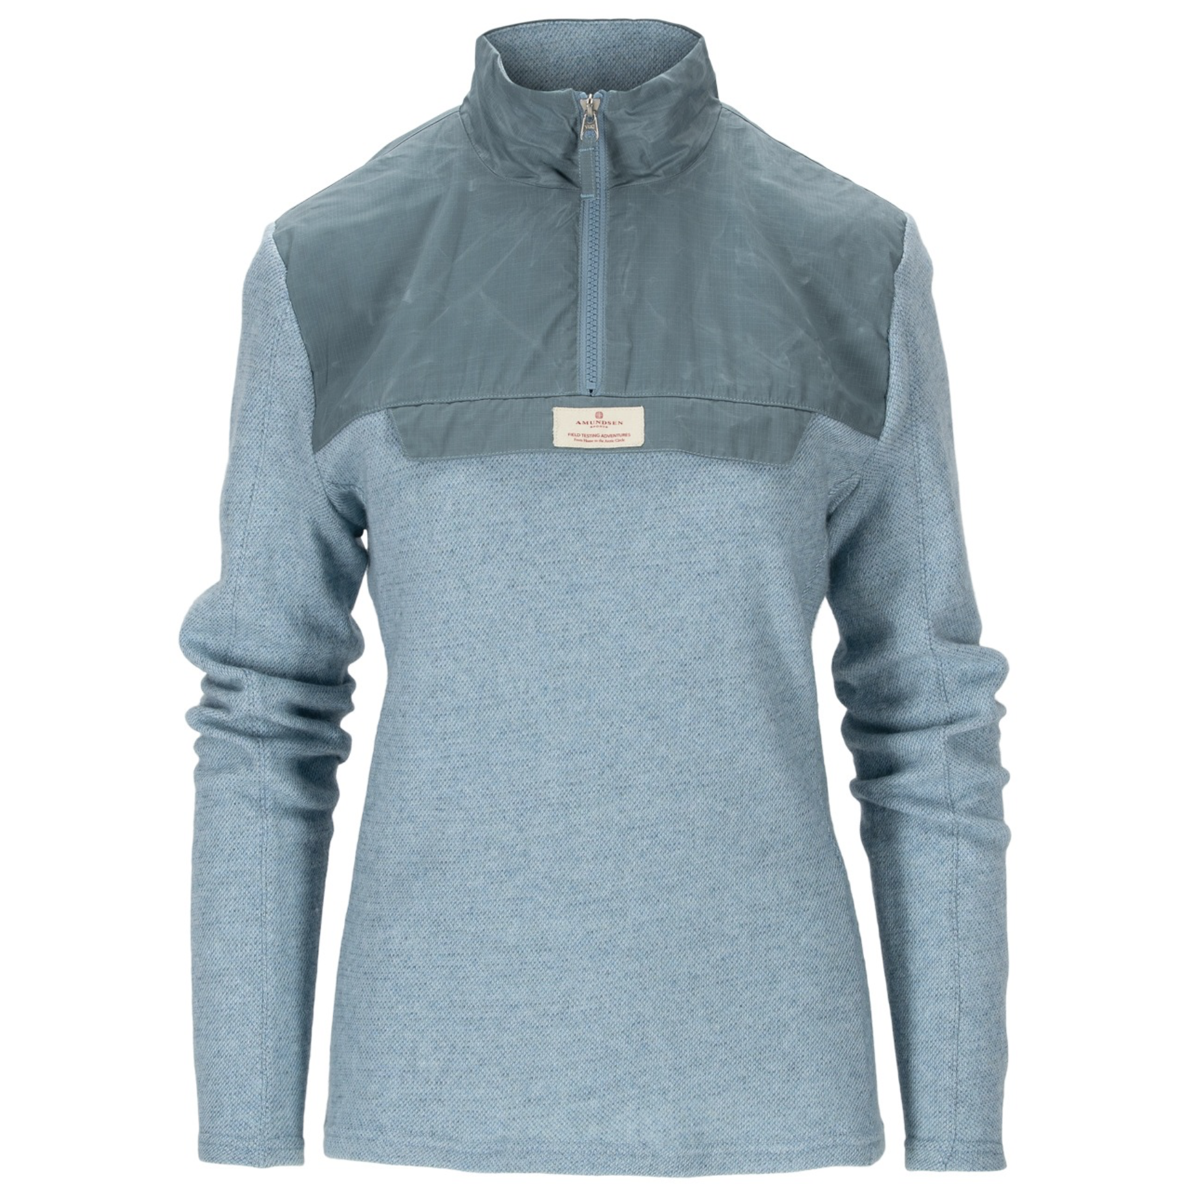 Bilde av Skauen Wool Sweater Women's WAN58.2.520 Faded Blue